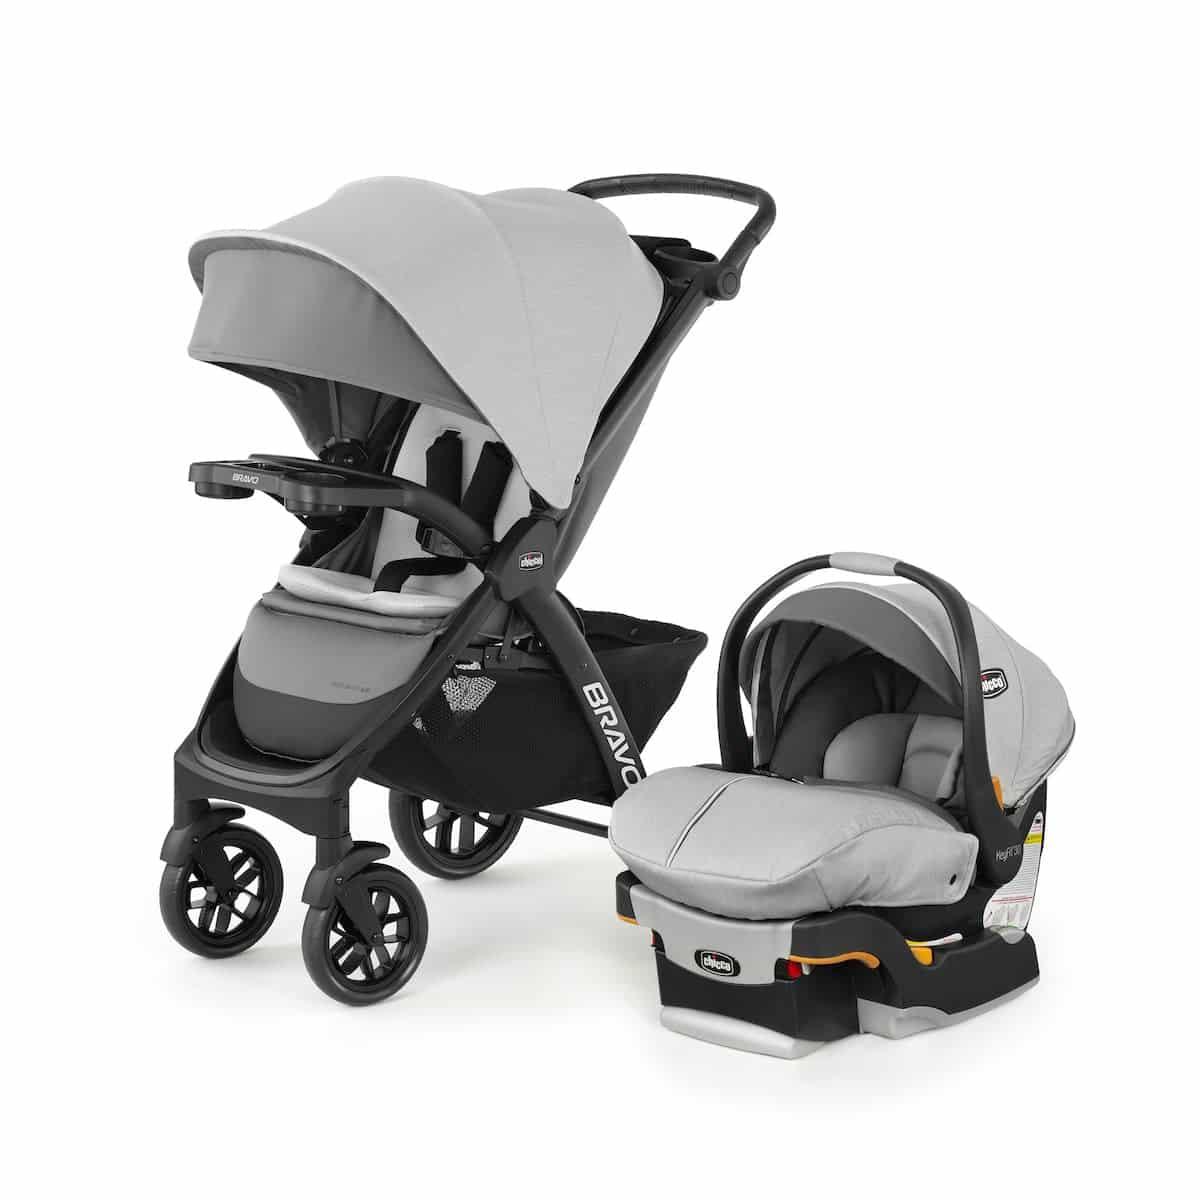 CHICCO Viario Quick-Fold Stroller